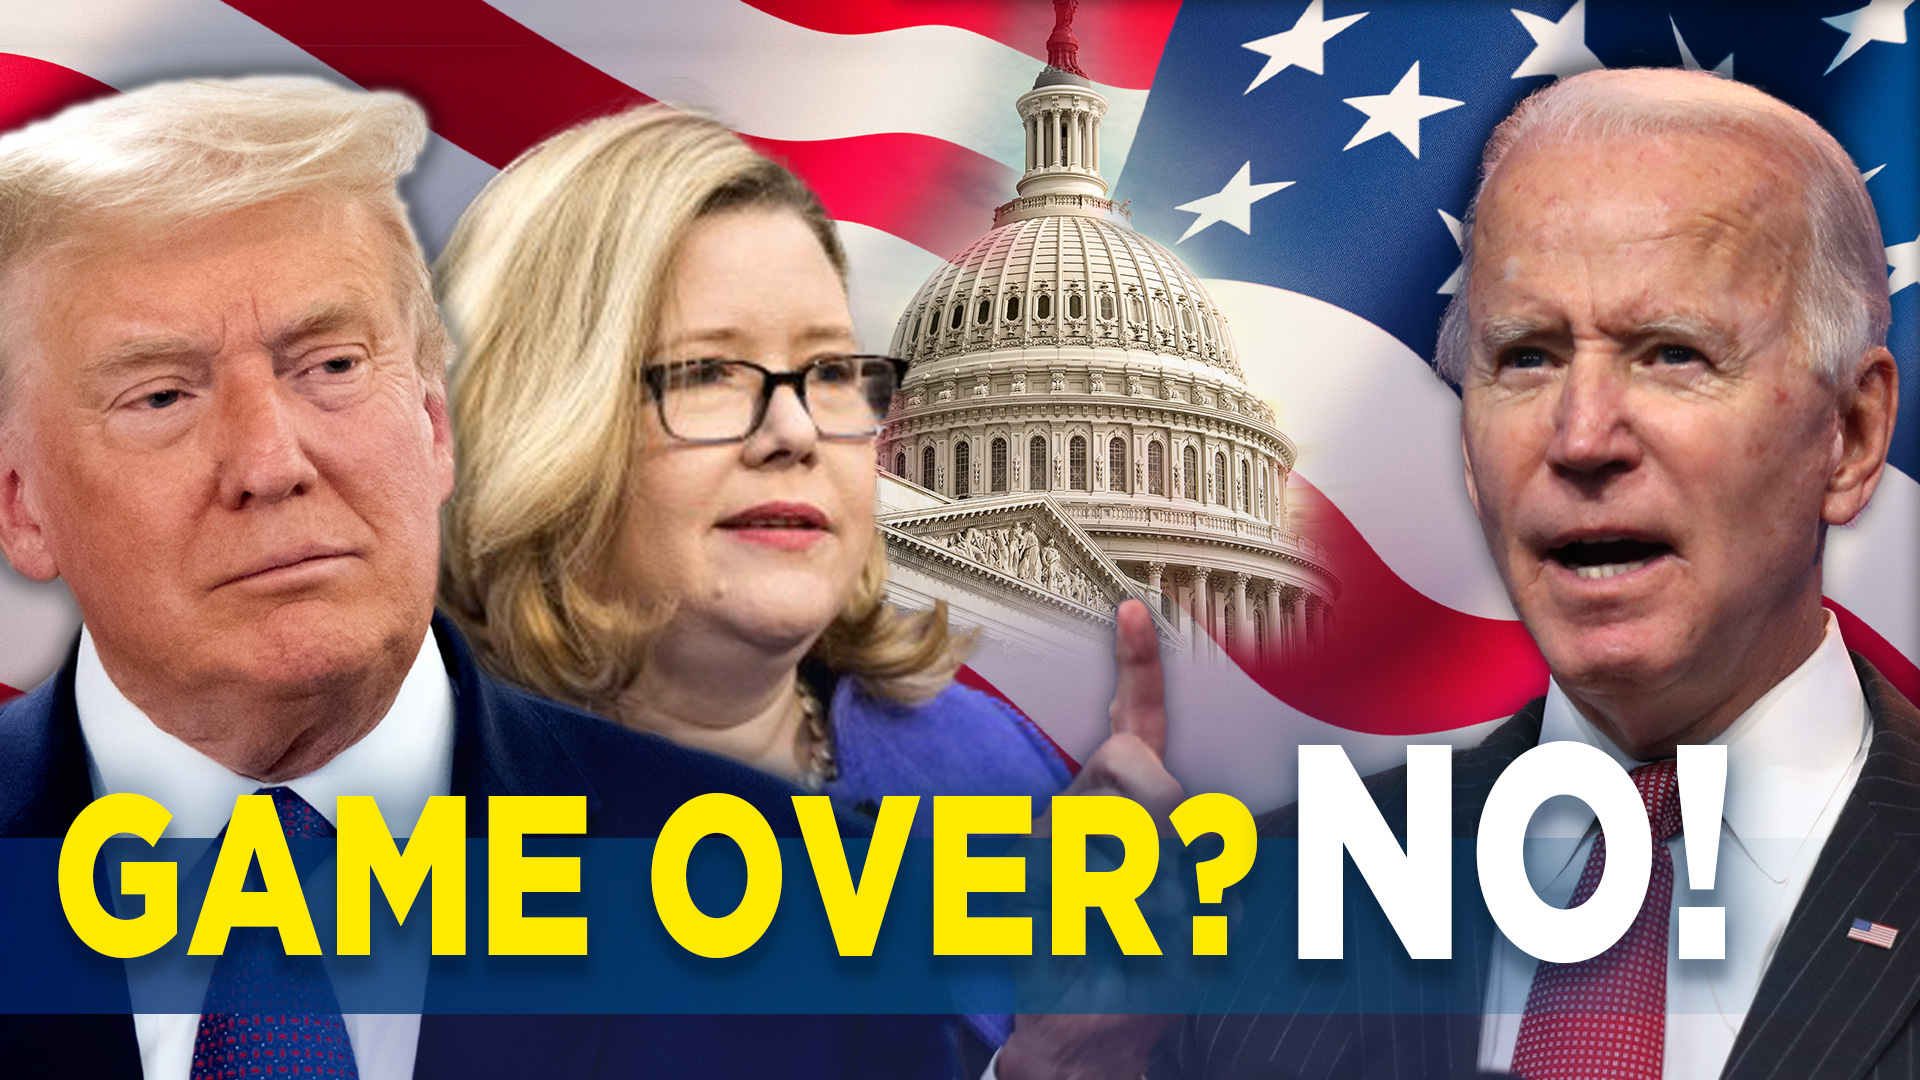 GSA machte nach Drohungen den Weg frei – Trumps Präsidentschaft am Ende?